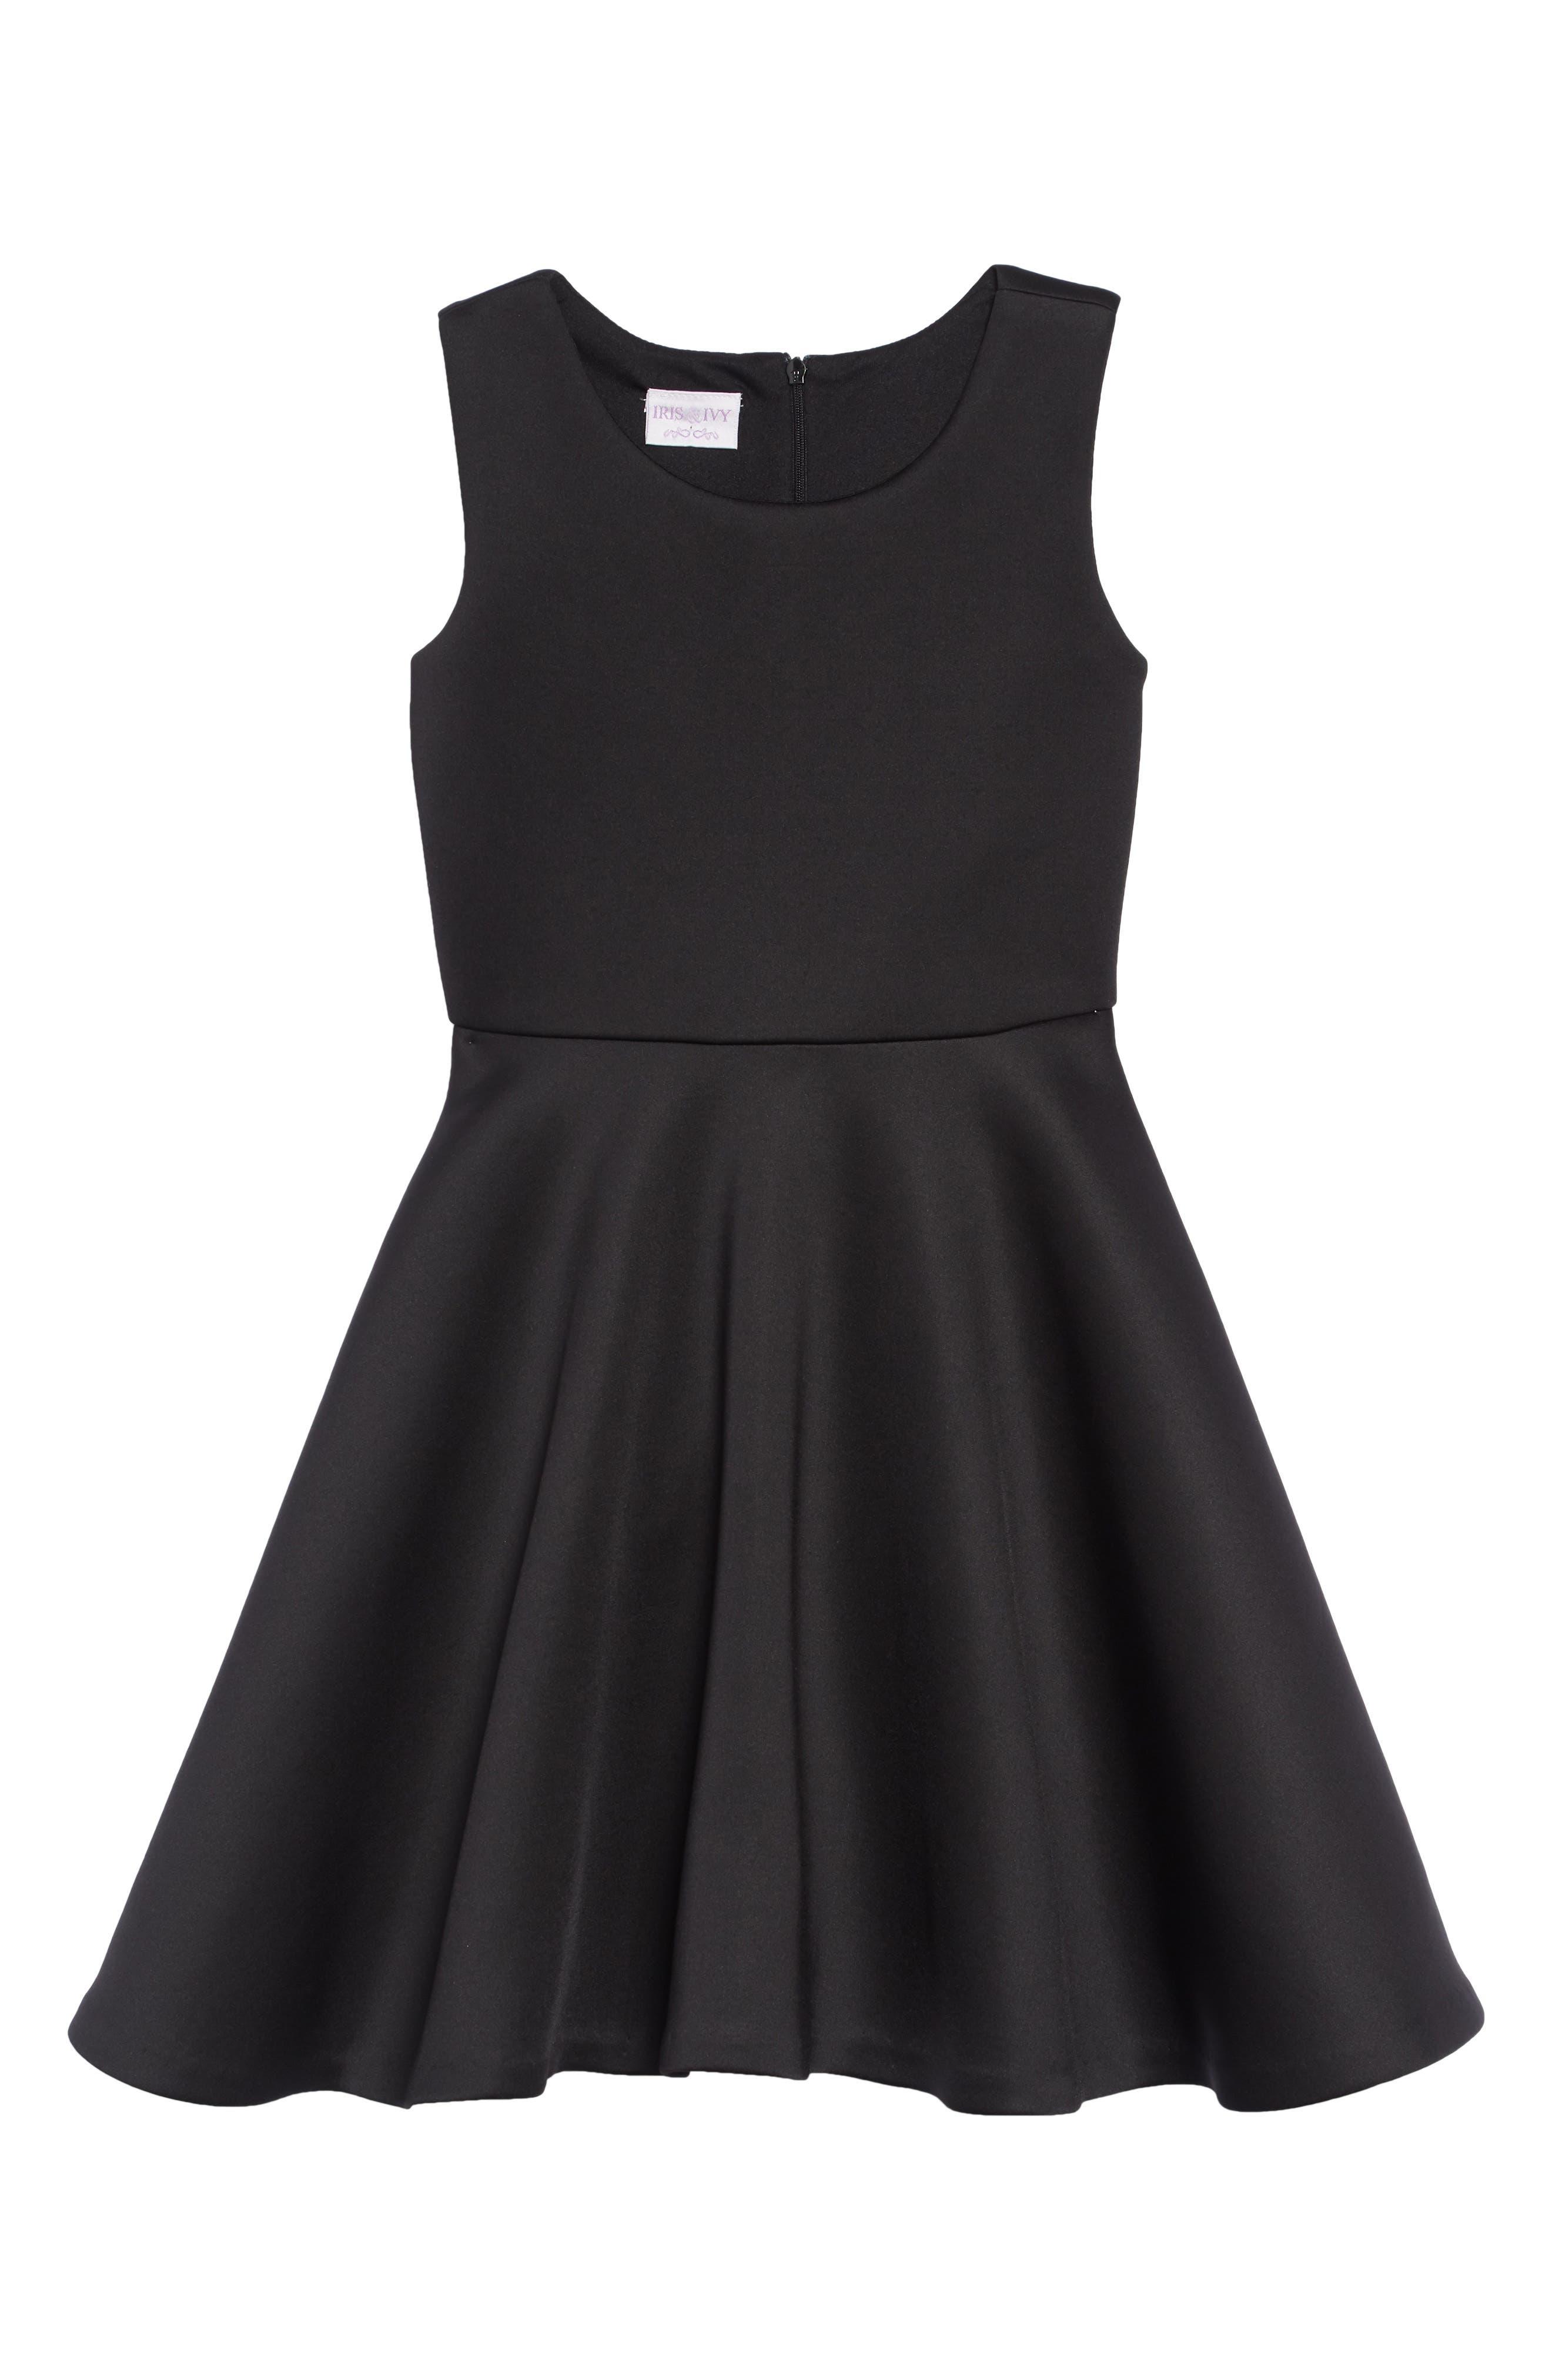 Scuba Tank Dress,                             Main thumbnail 1, color,                             BLACK